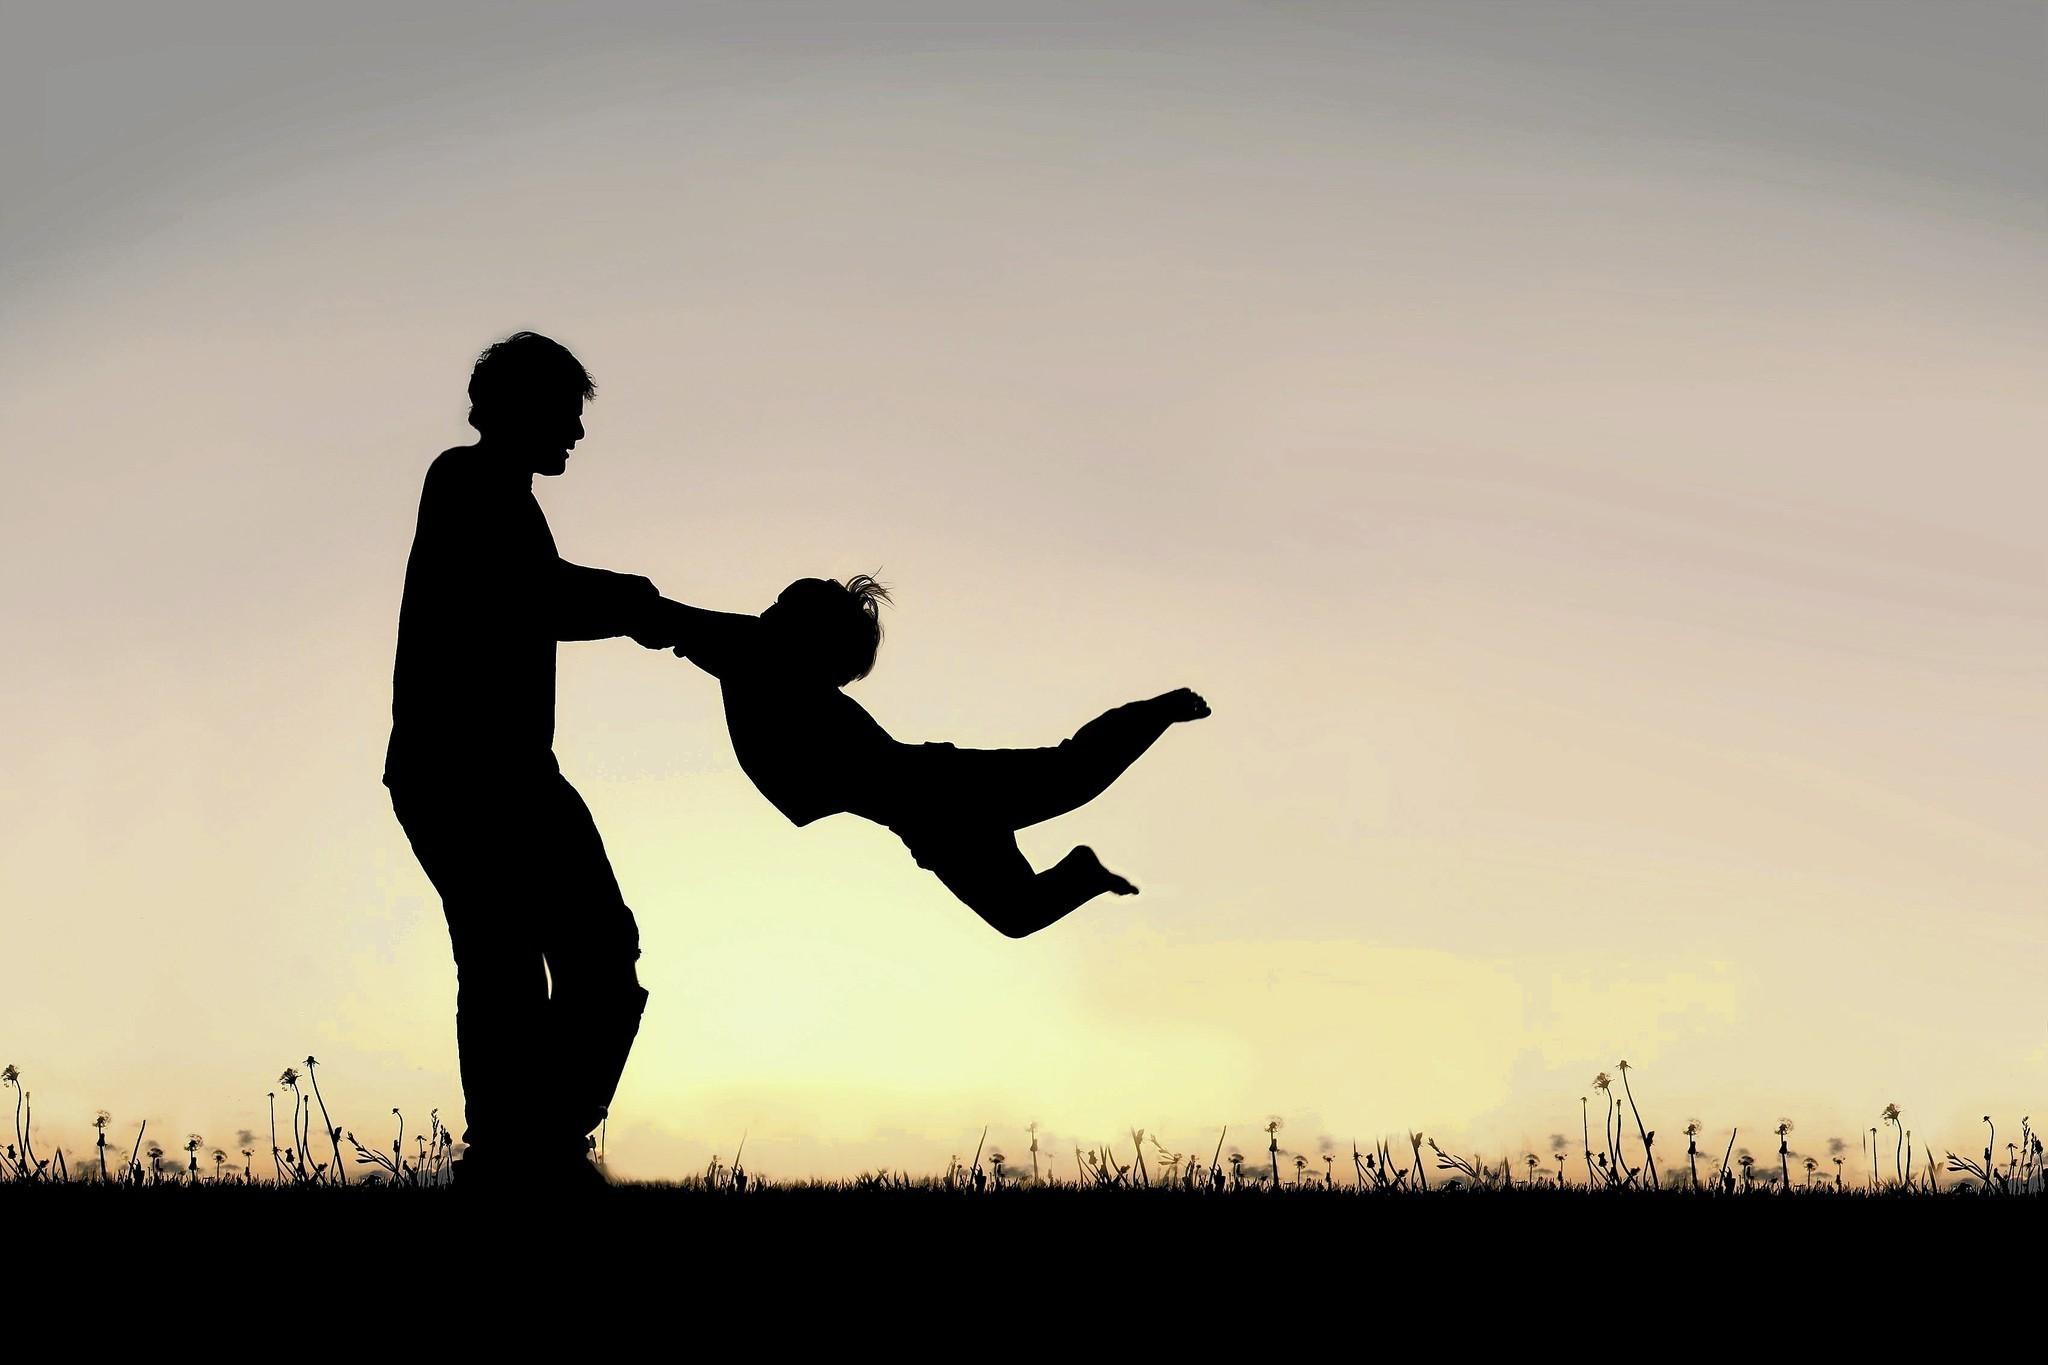 بالصور صور عن الاب , كلمات لابى تقشعر لها الابدان 4825